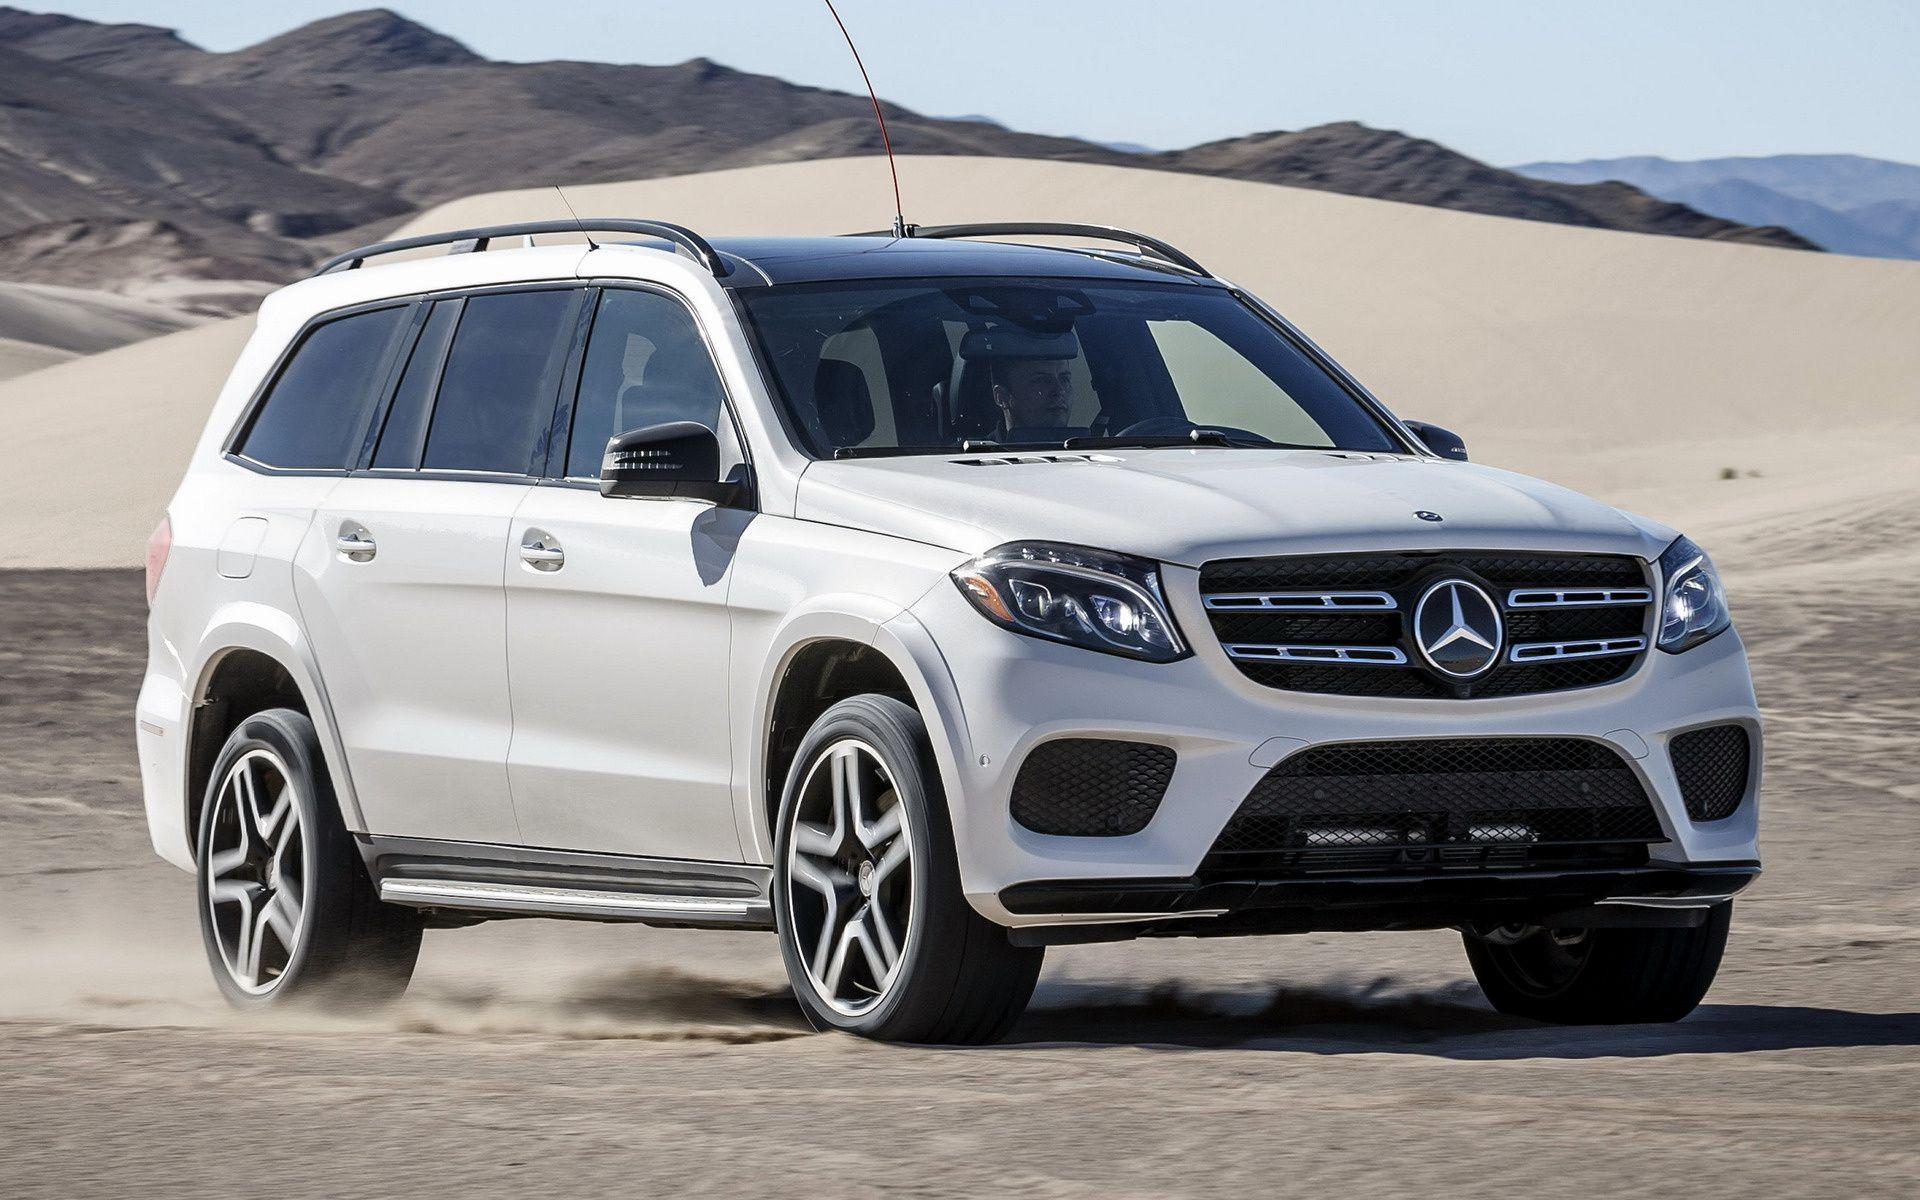 2016 Mecedes Benz Gls 550 4matic Amg Line X166 At Autogaleria Hu Mercedes